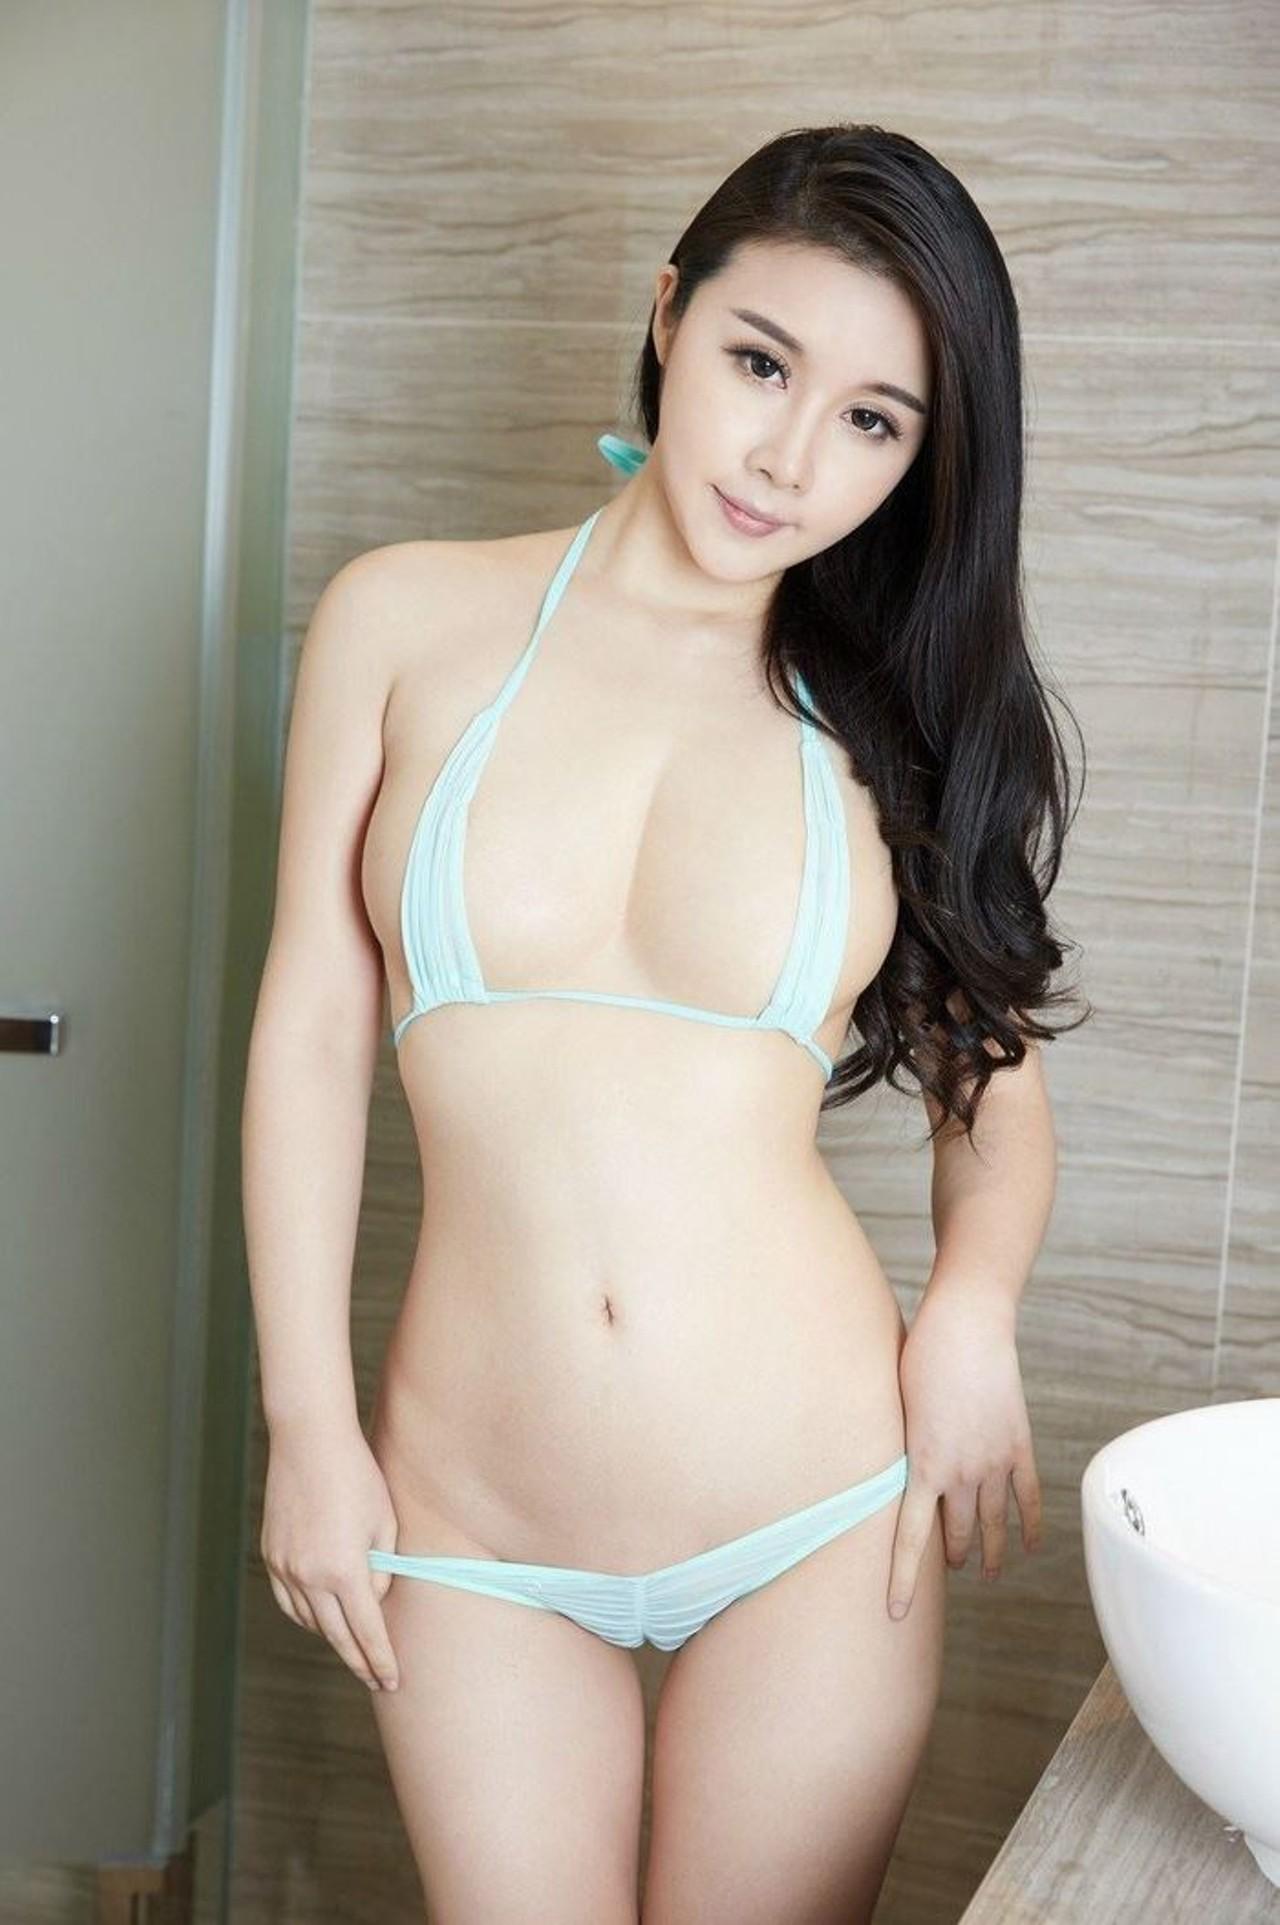 Female escort services